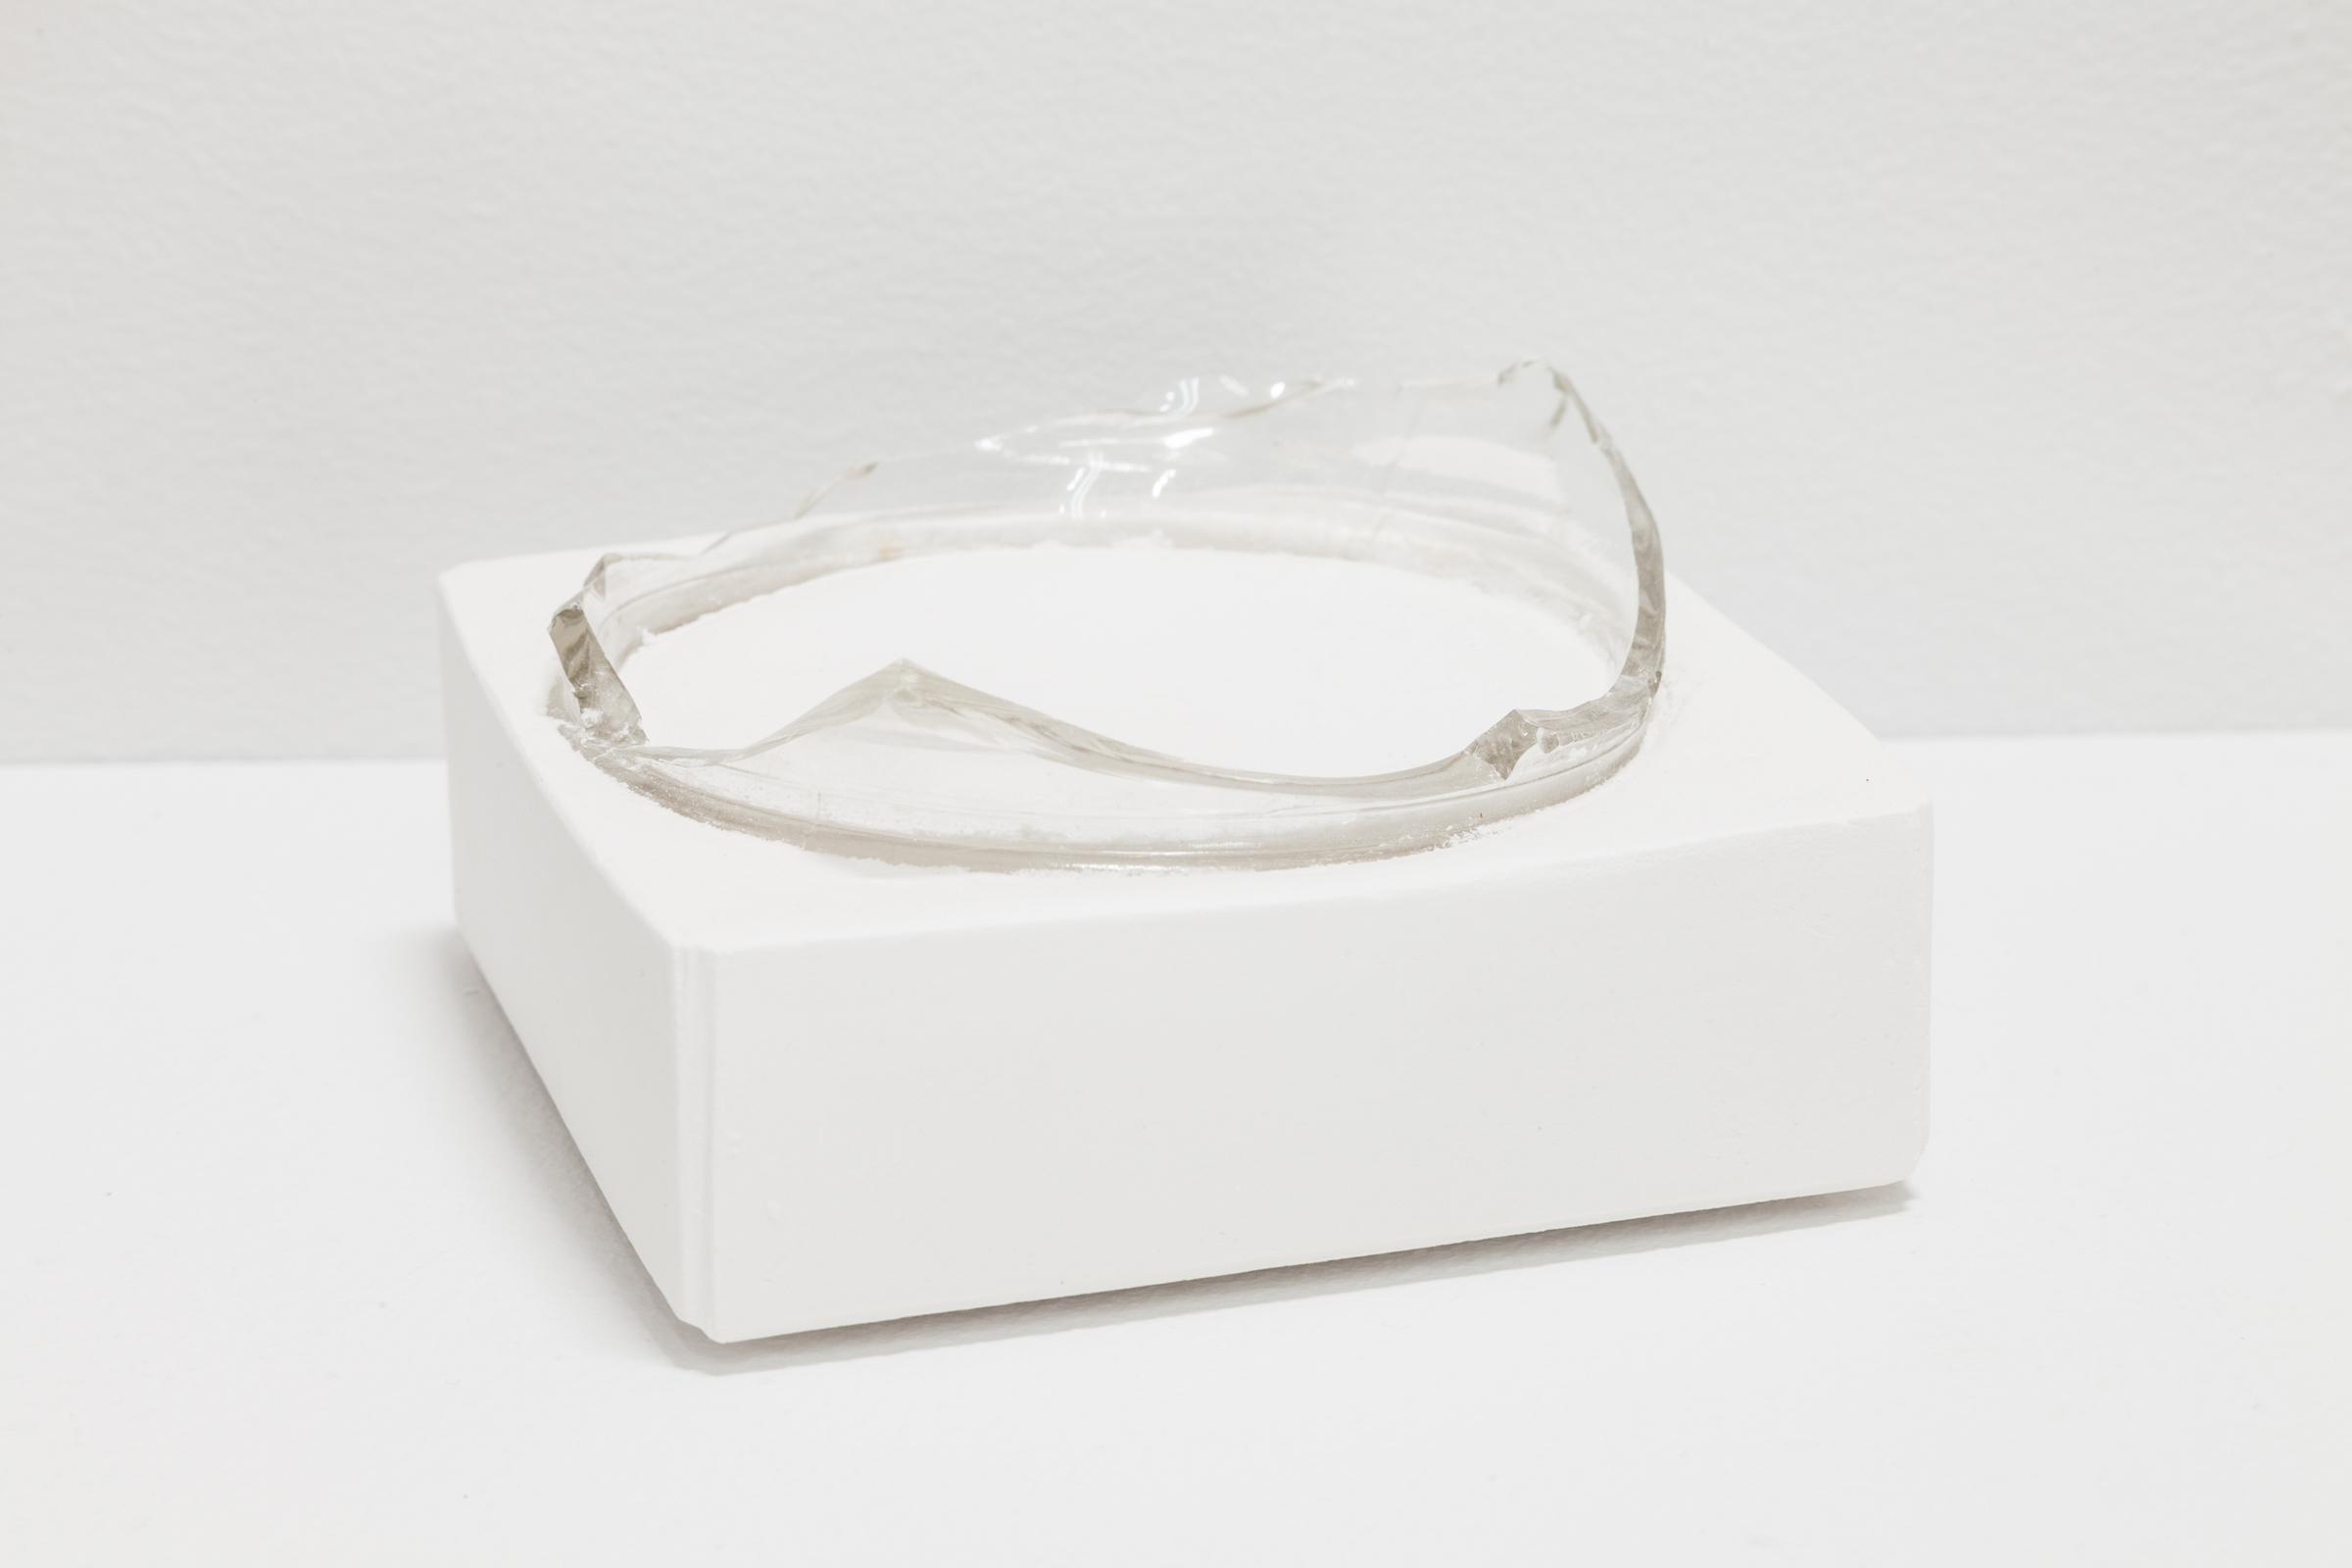 Deborah Hede,  Glass Rim , 2018, glass shard, plaster, 1 ⅞ × 4 × 4 in